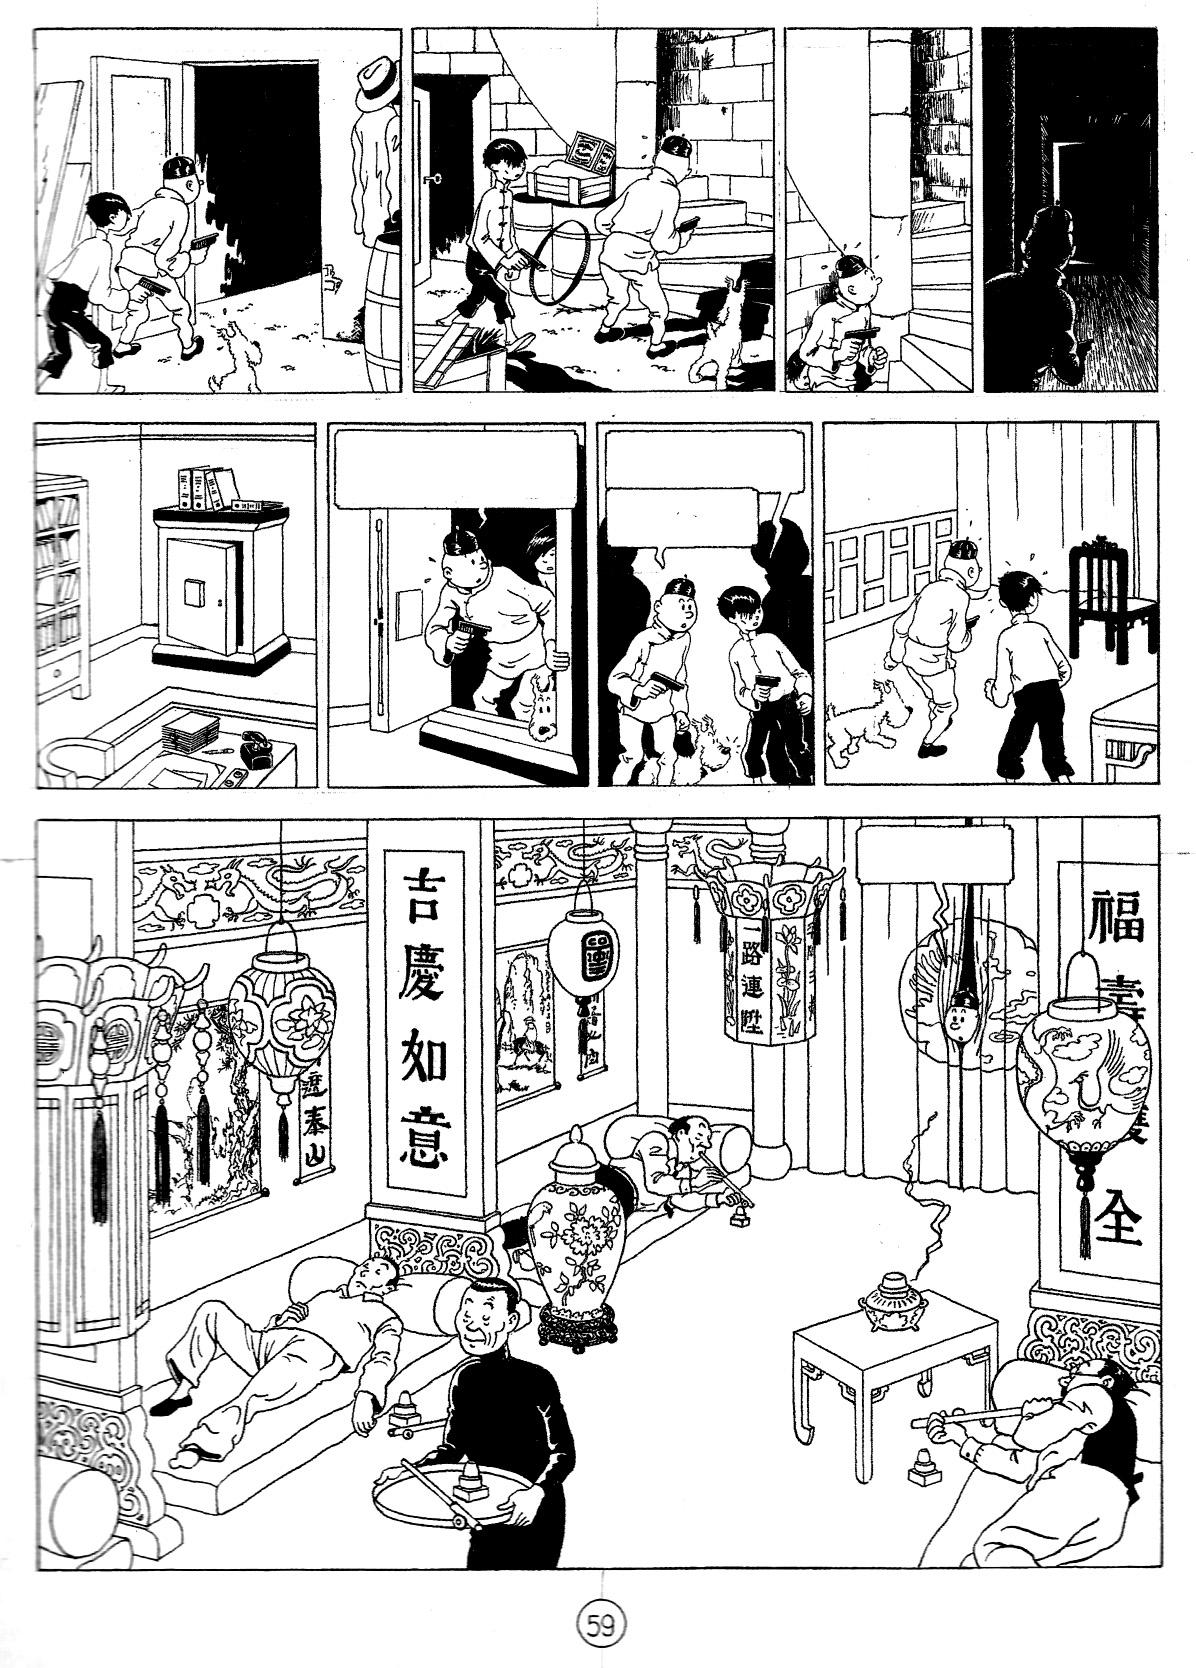 Une planche tirée de Tintin et le Lotus bleu (1935)